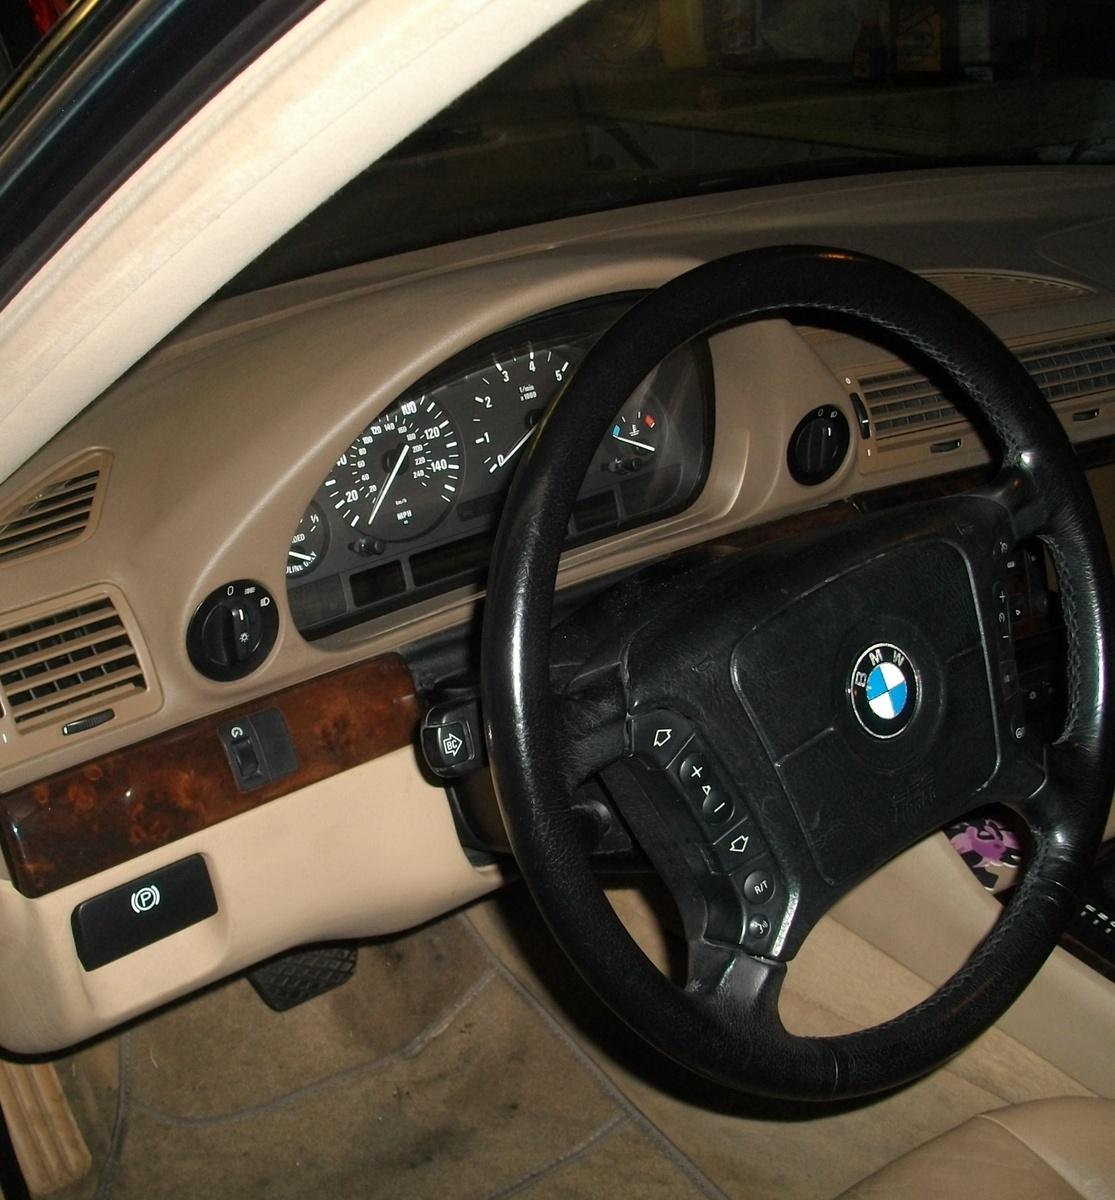 2000 BMW 7 Series - Pictures - CarGurus